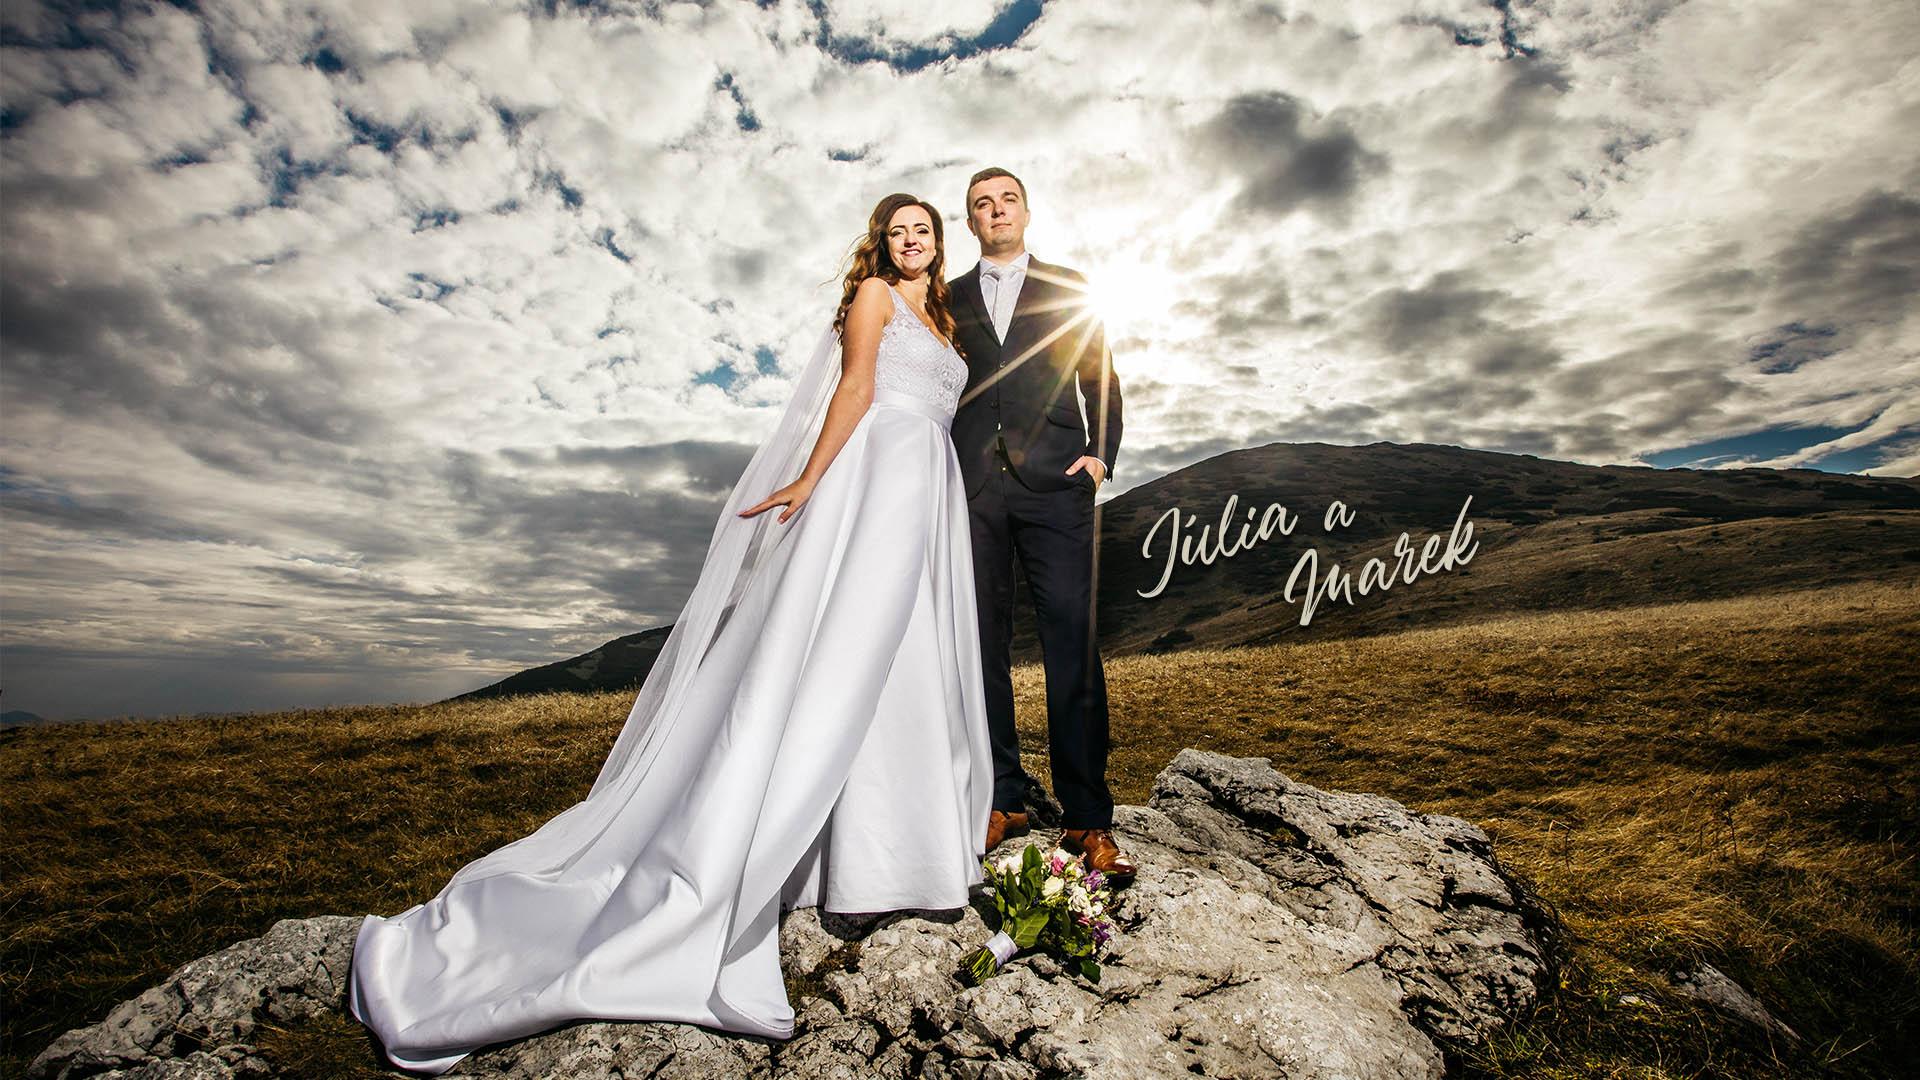 Júlia a marek svadobné video